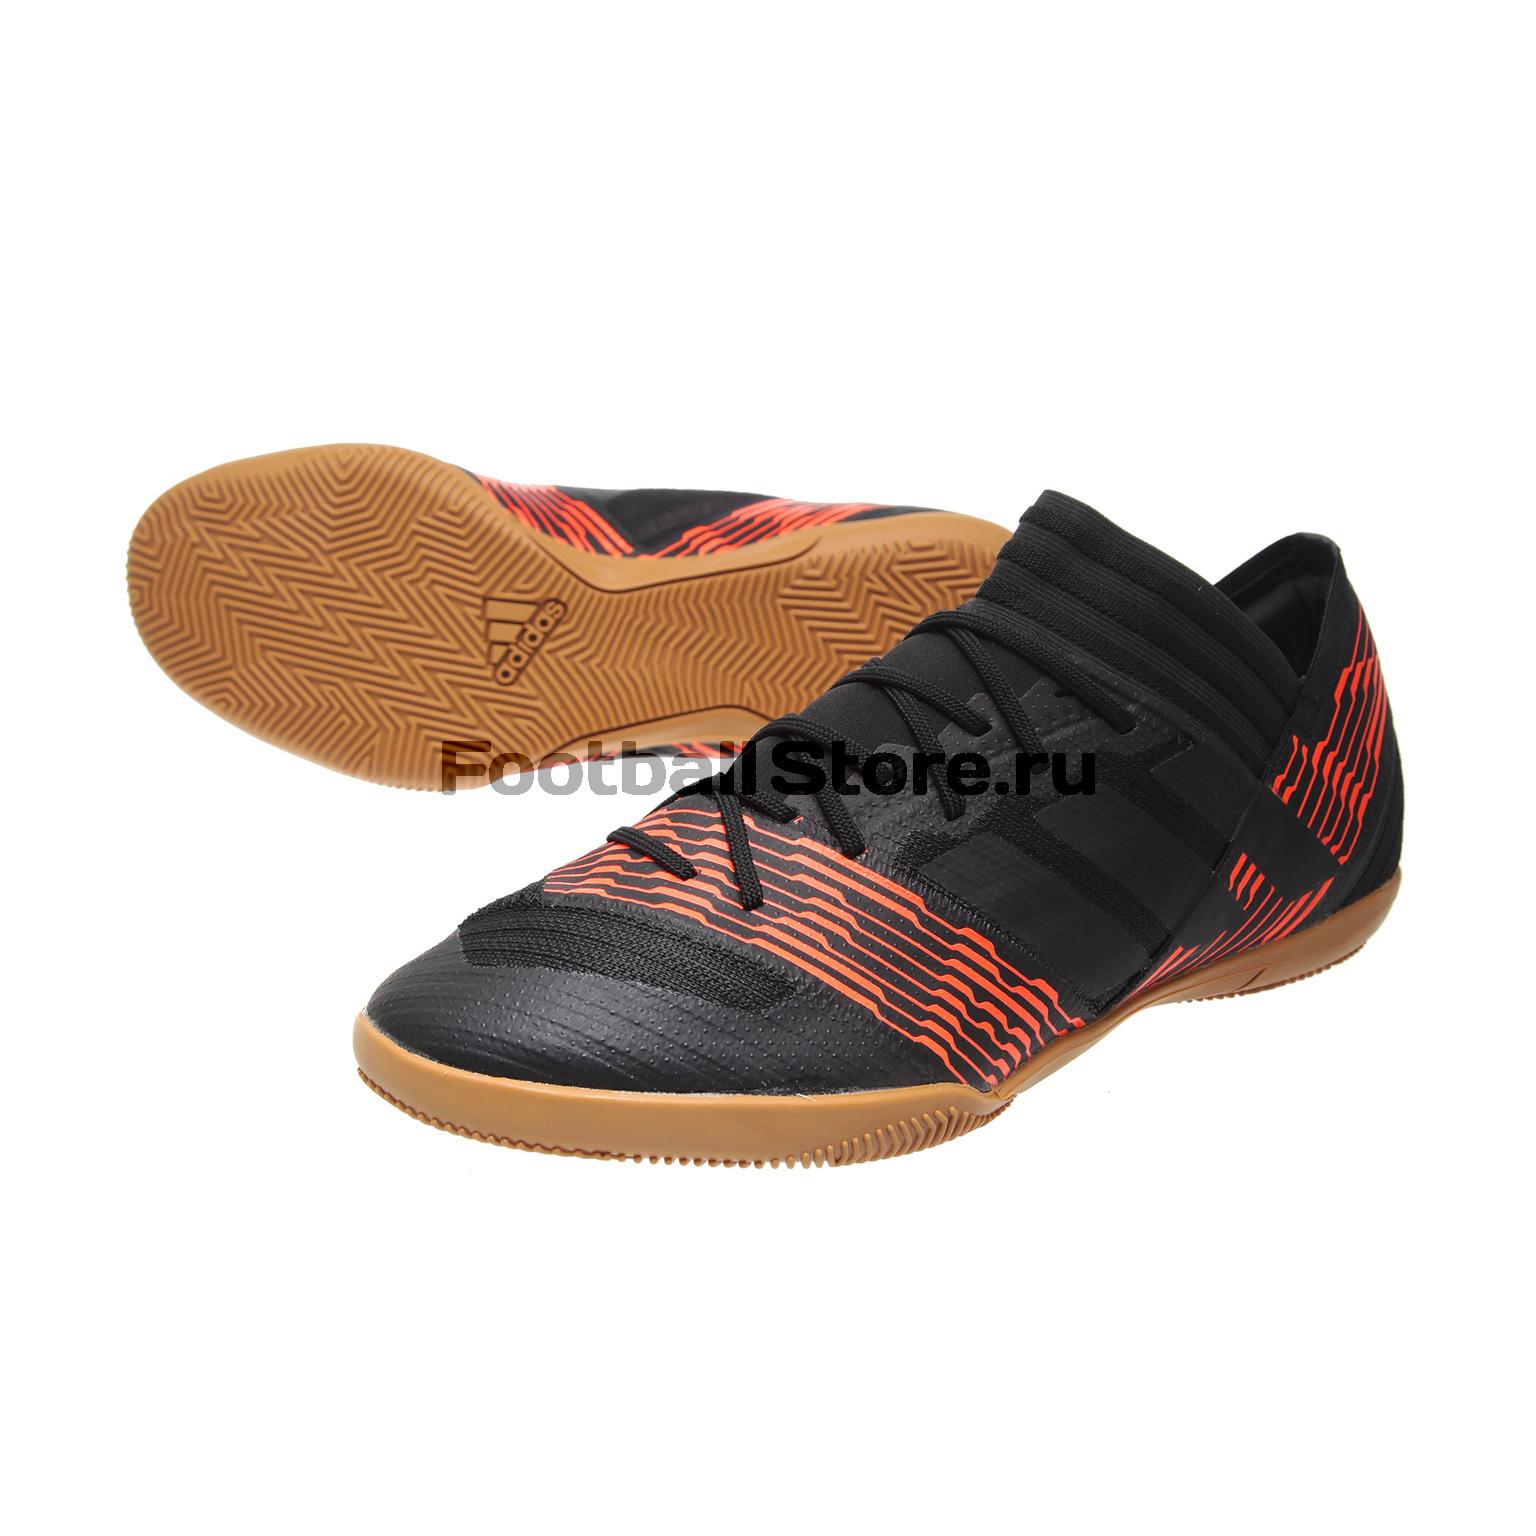 Обувь для зала Adidas Nemeziz Tango 17.3 IN CP9111 – купить футзалки ... 8fa02179b